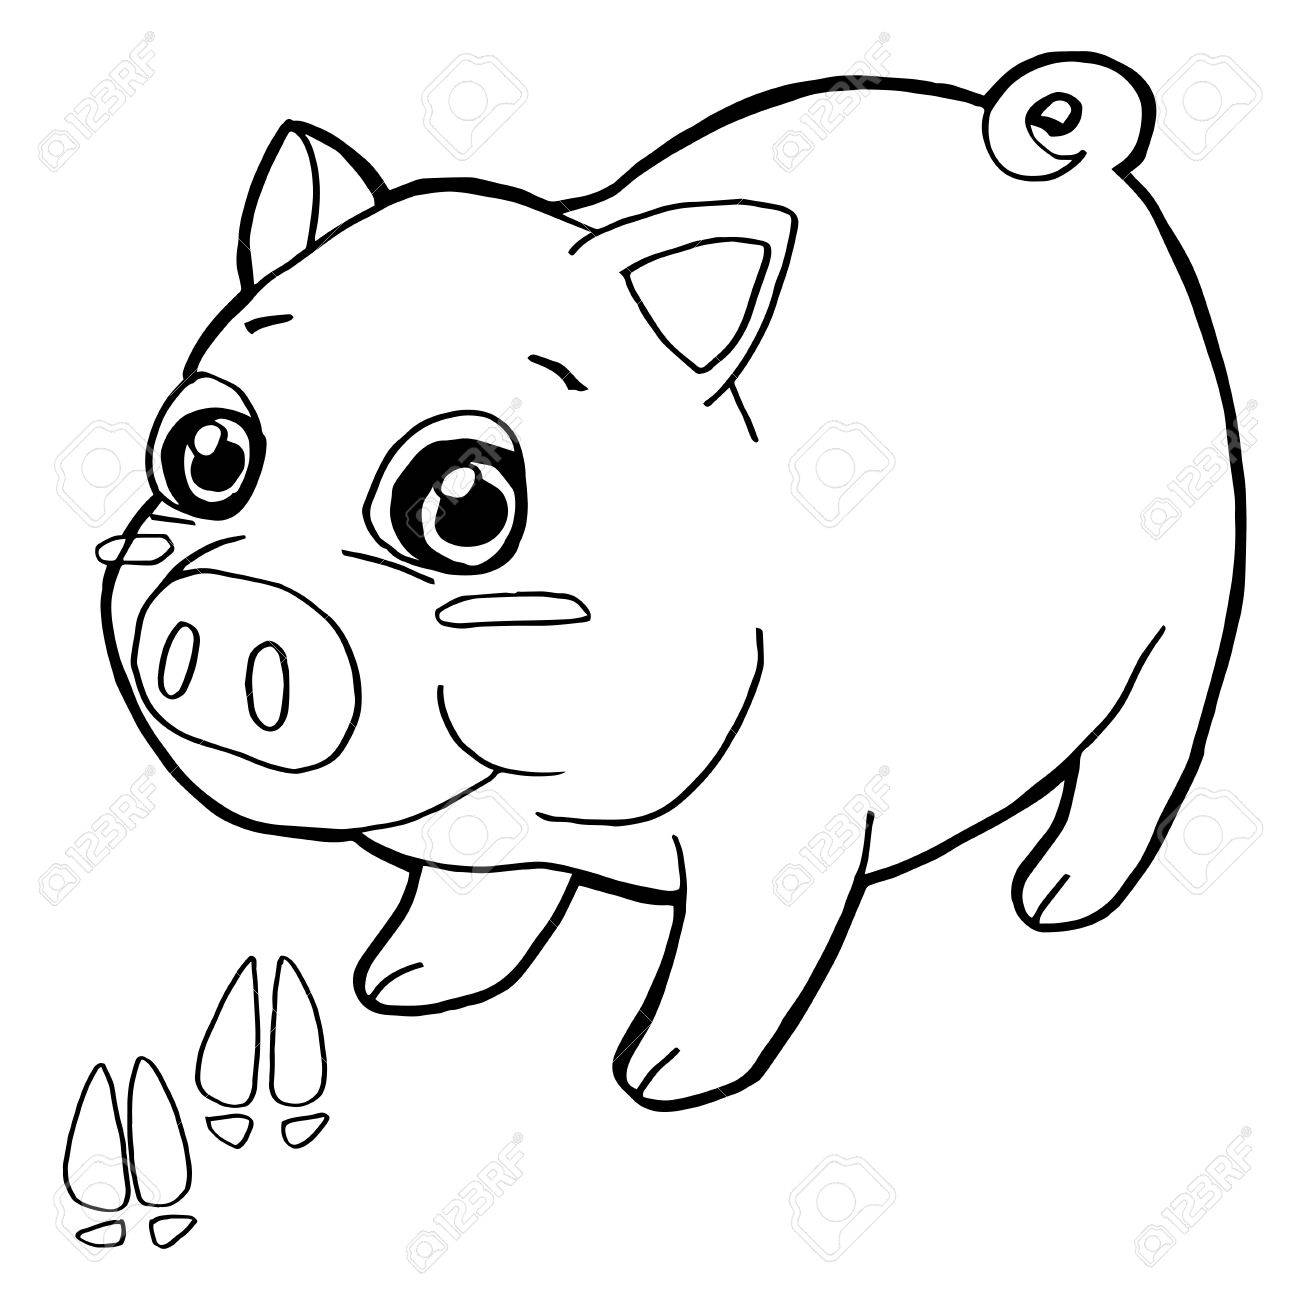 Großartig Schwein Gesicht Malvorlagen Zeitgenössisch - Druckbare ...